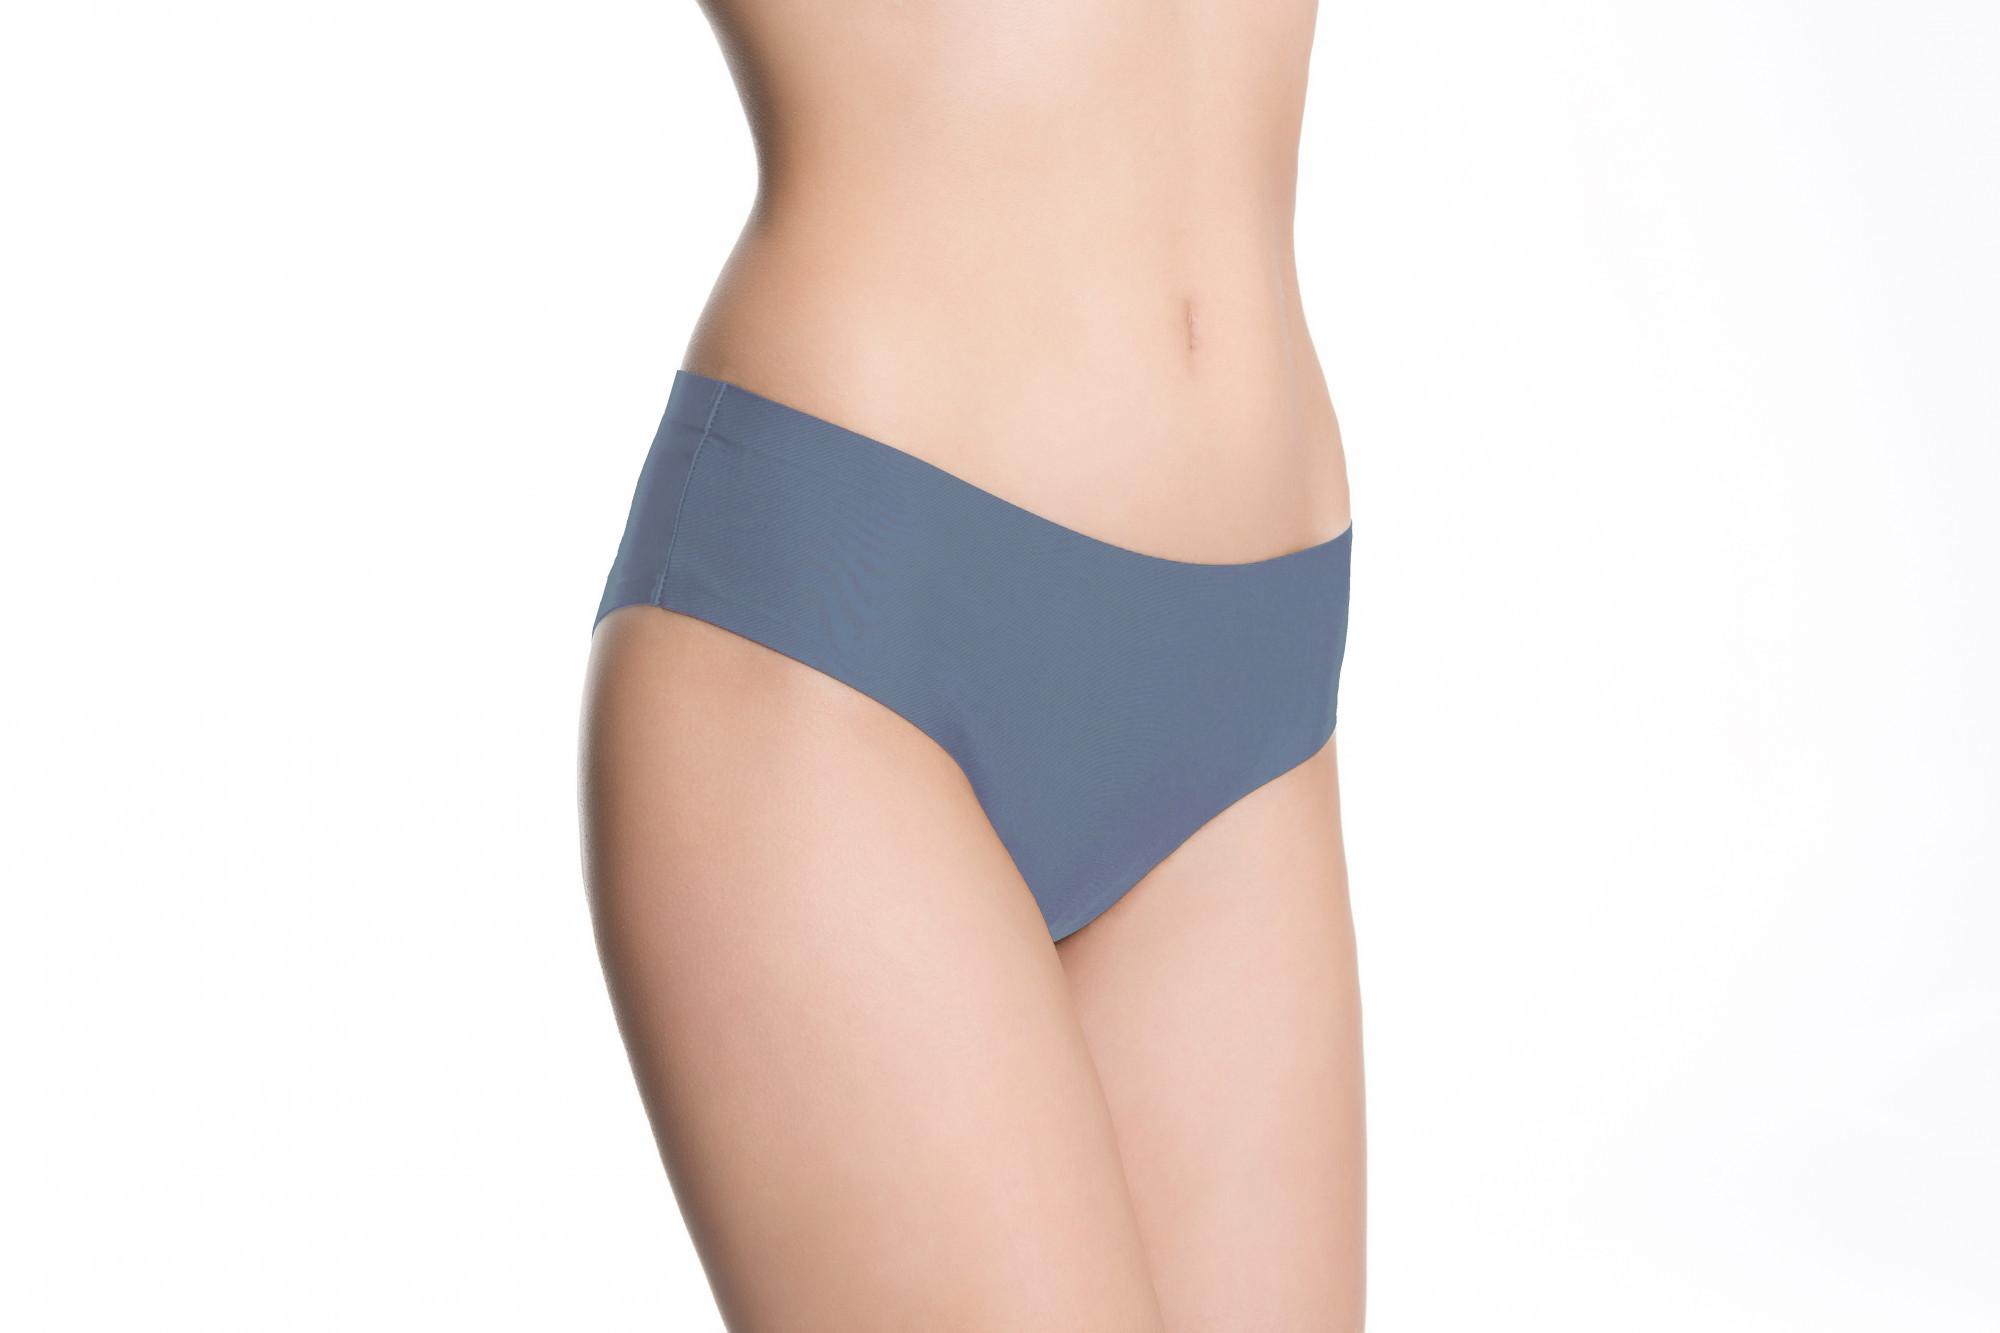 Kalhotky Bootie - Julimex denim modrá XL